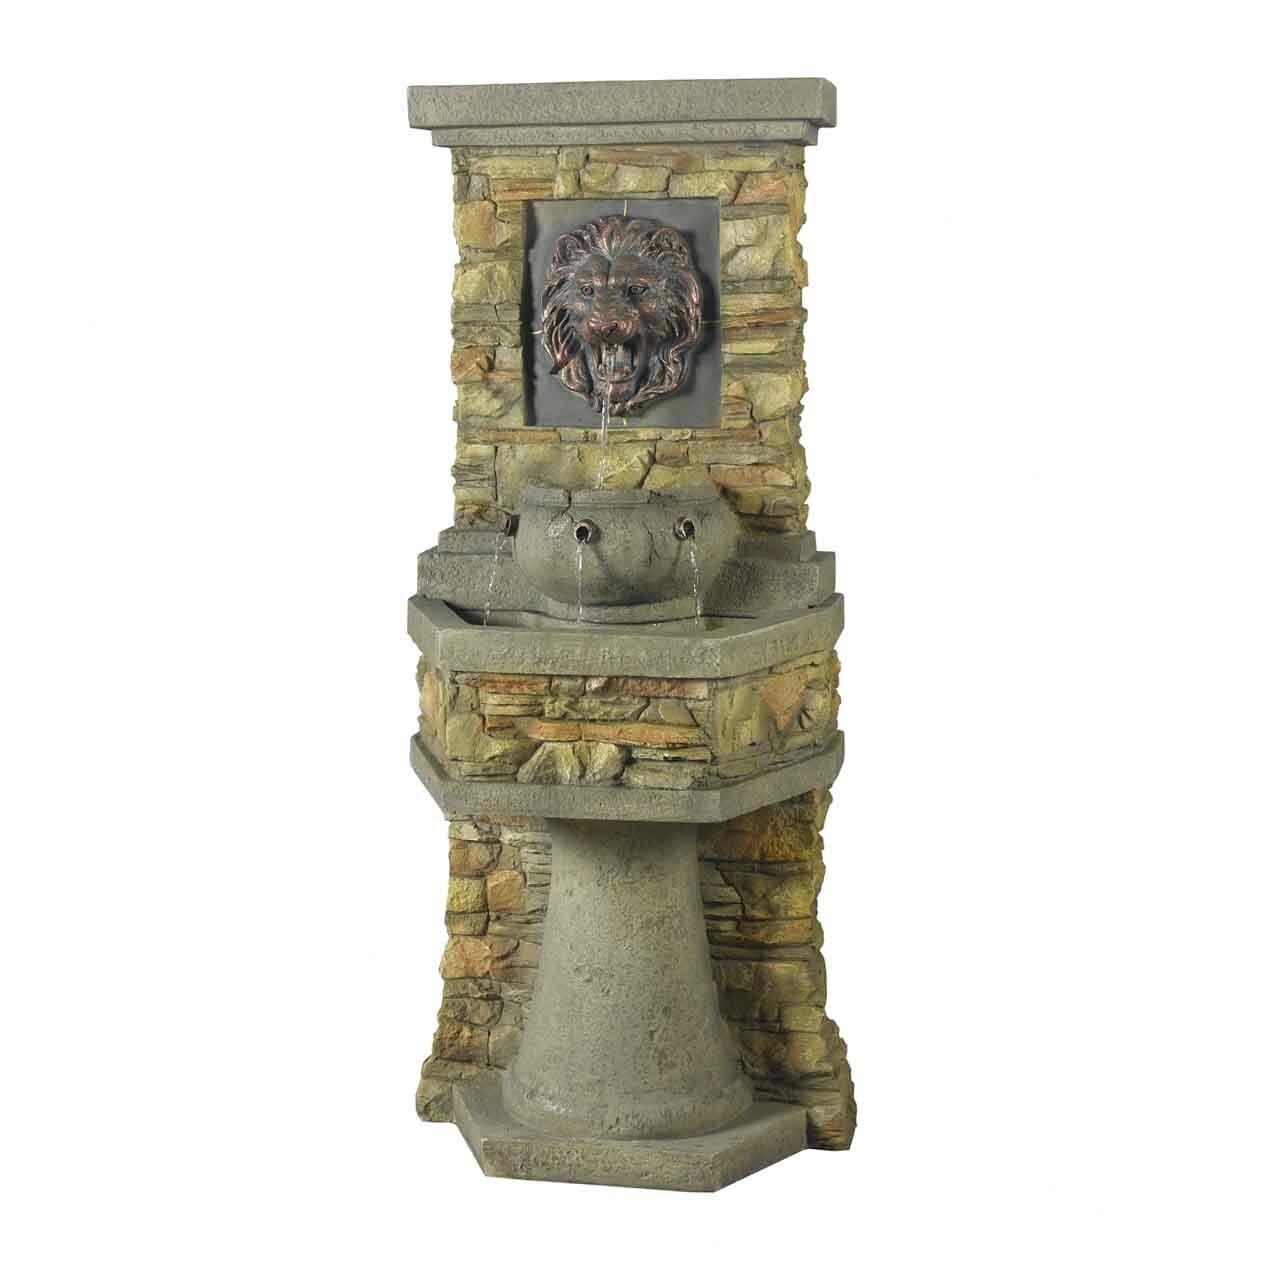 Jeco Inc. Resin/Fiberglass Lion Head Outdoor/Indoor Water Fountain ...